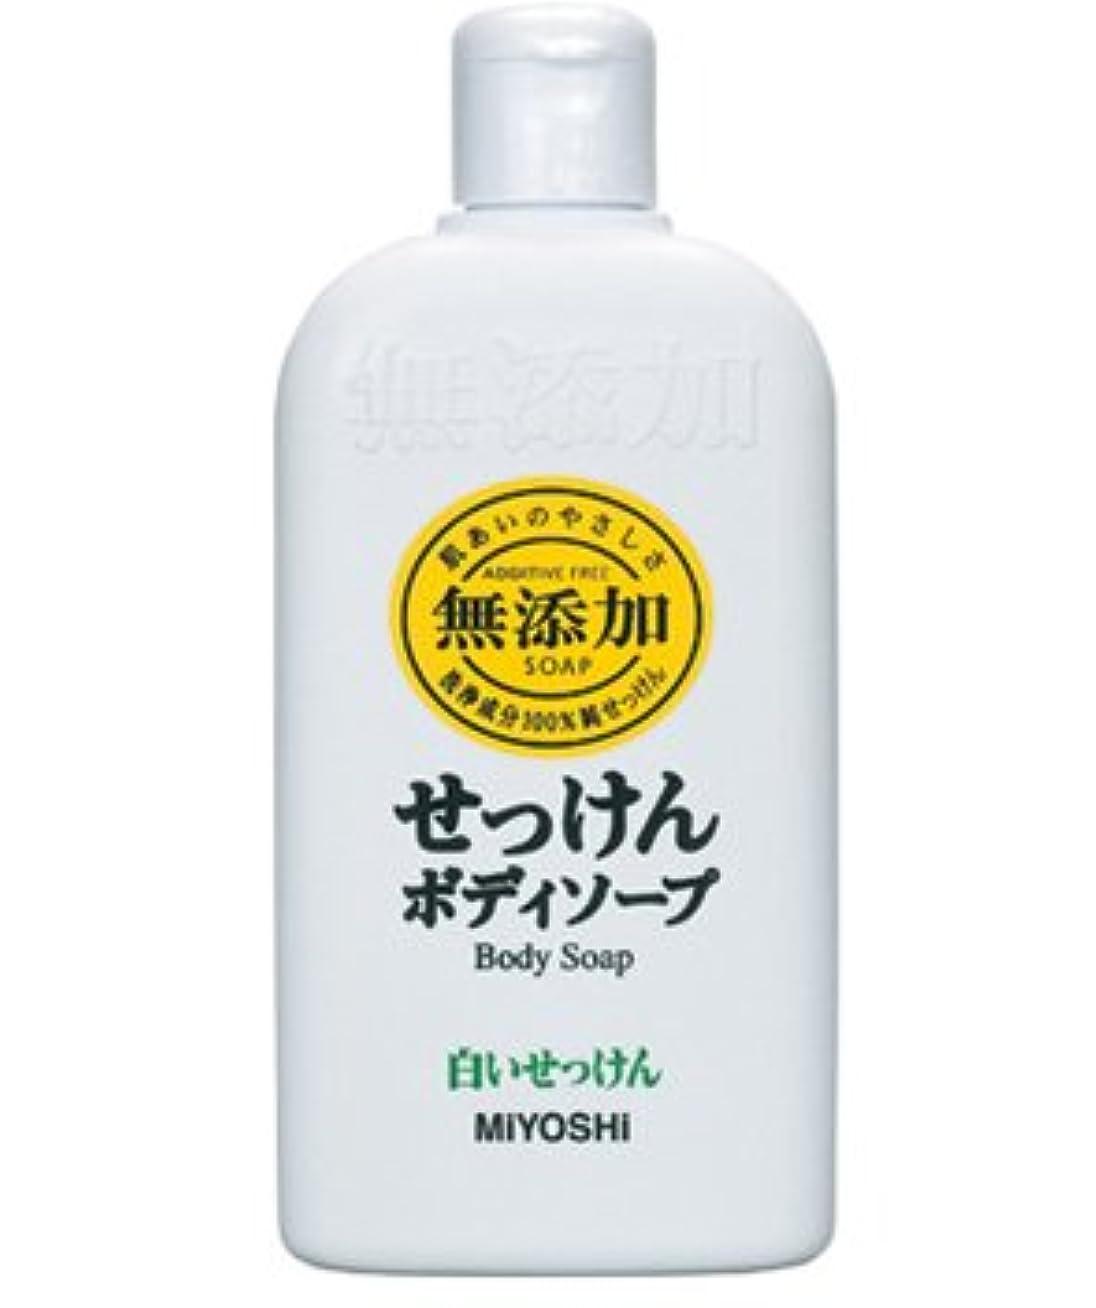 取り組むバトル獲物ミヨシ石鹸 無添加 ボディソープ 白い石けん レギュラー 400ml(無添加石鹸)×20点セット (4904551100324)